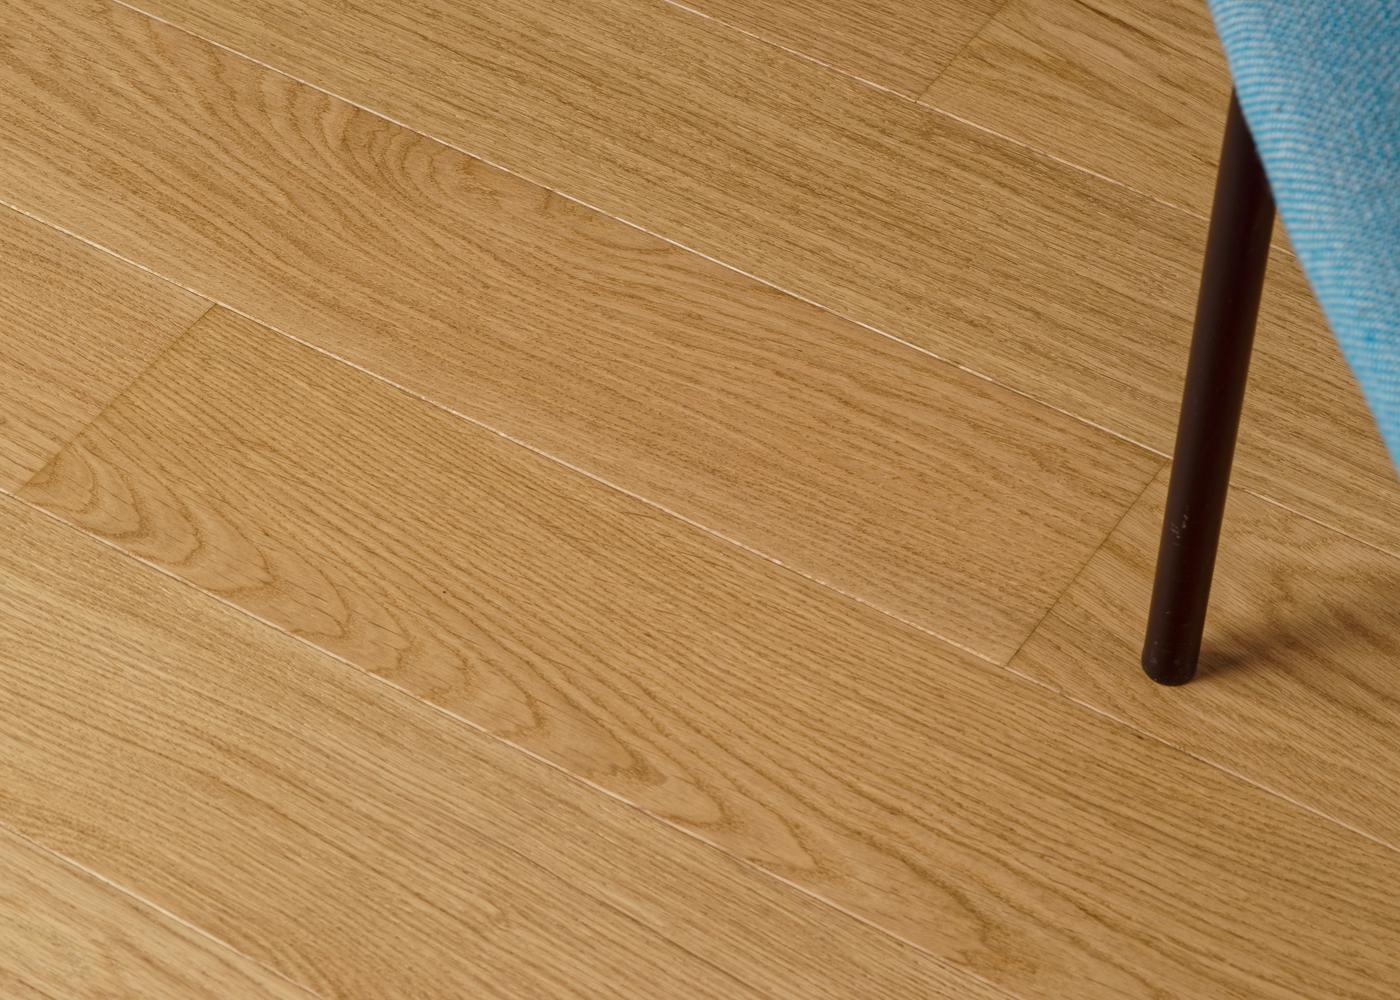 Parquet chêne contrecollé RASPAIL brossé vernis mat PRBIS 14x139x1700